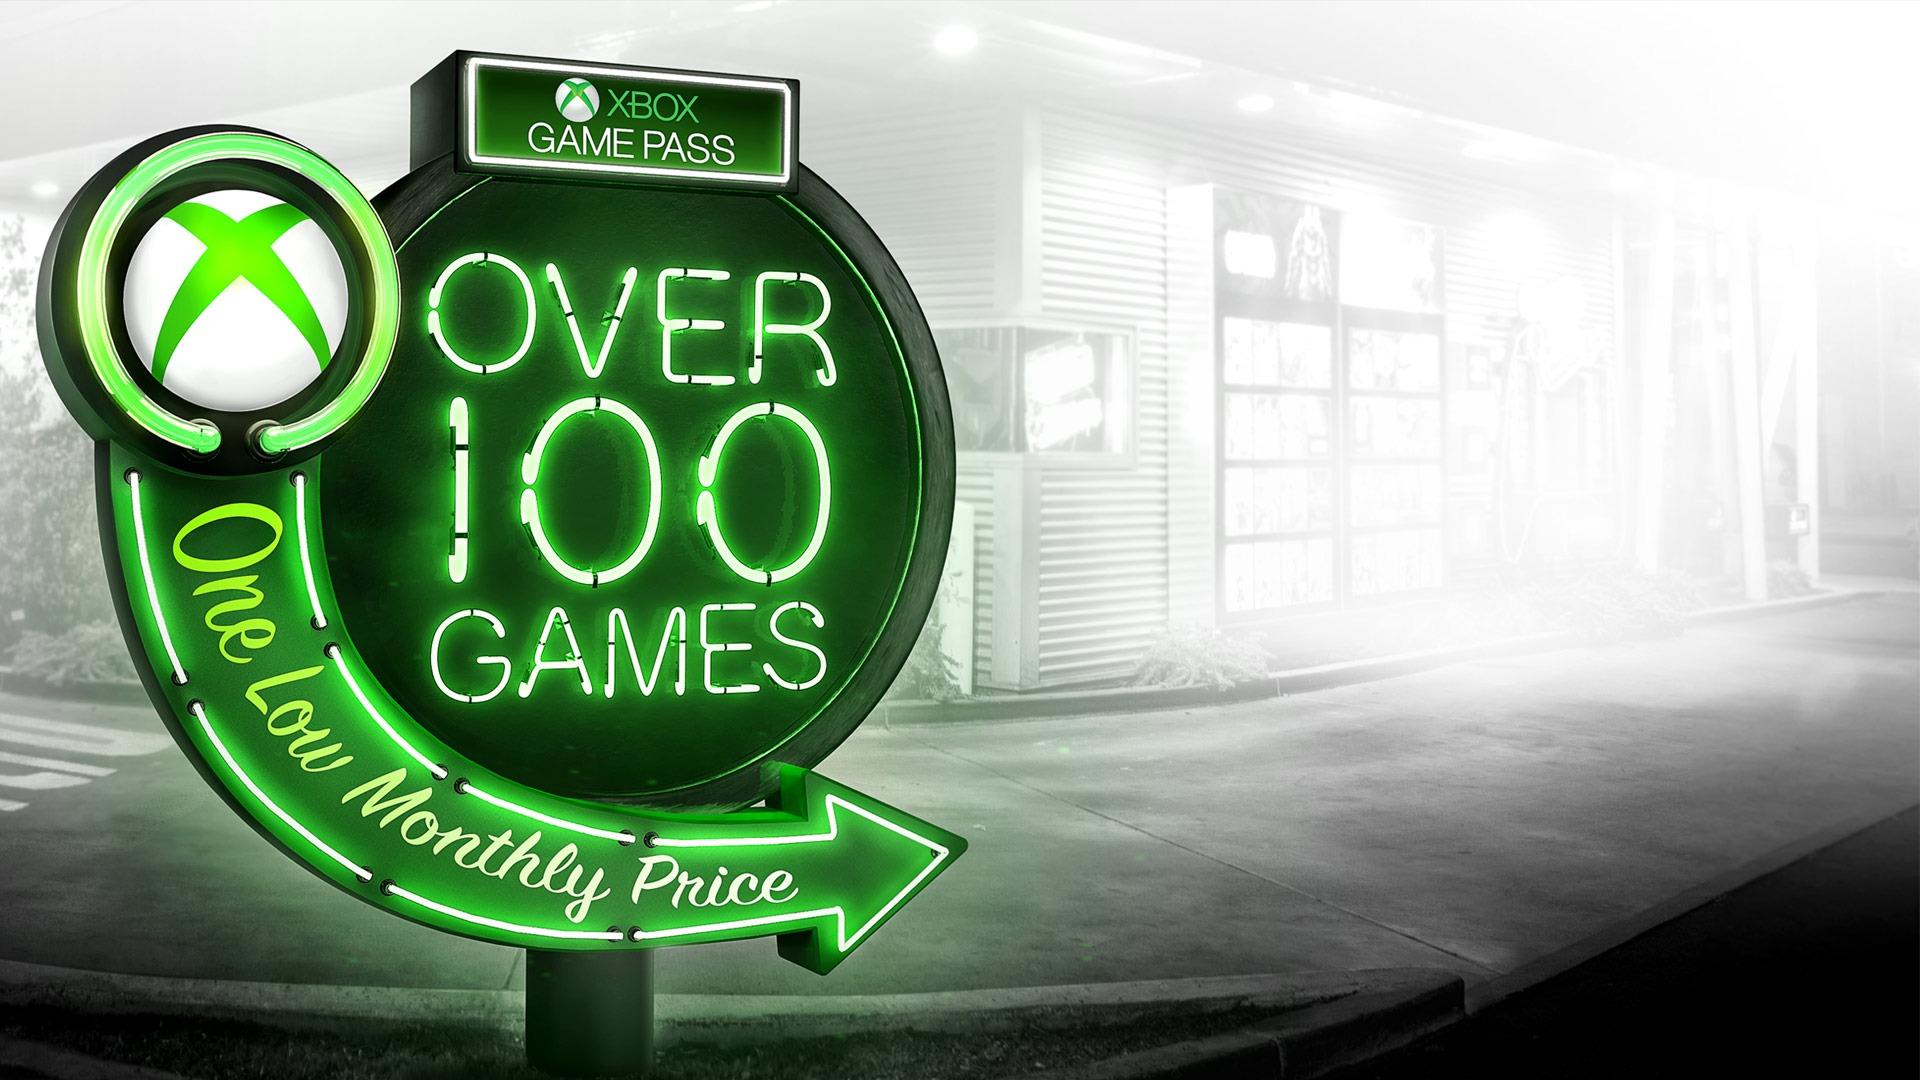 Xbox_Game_Pass